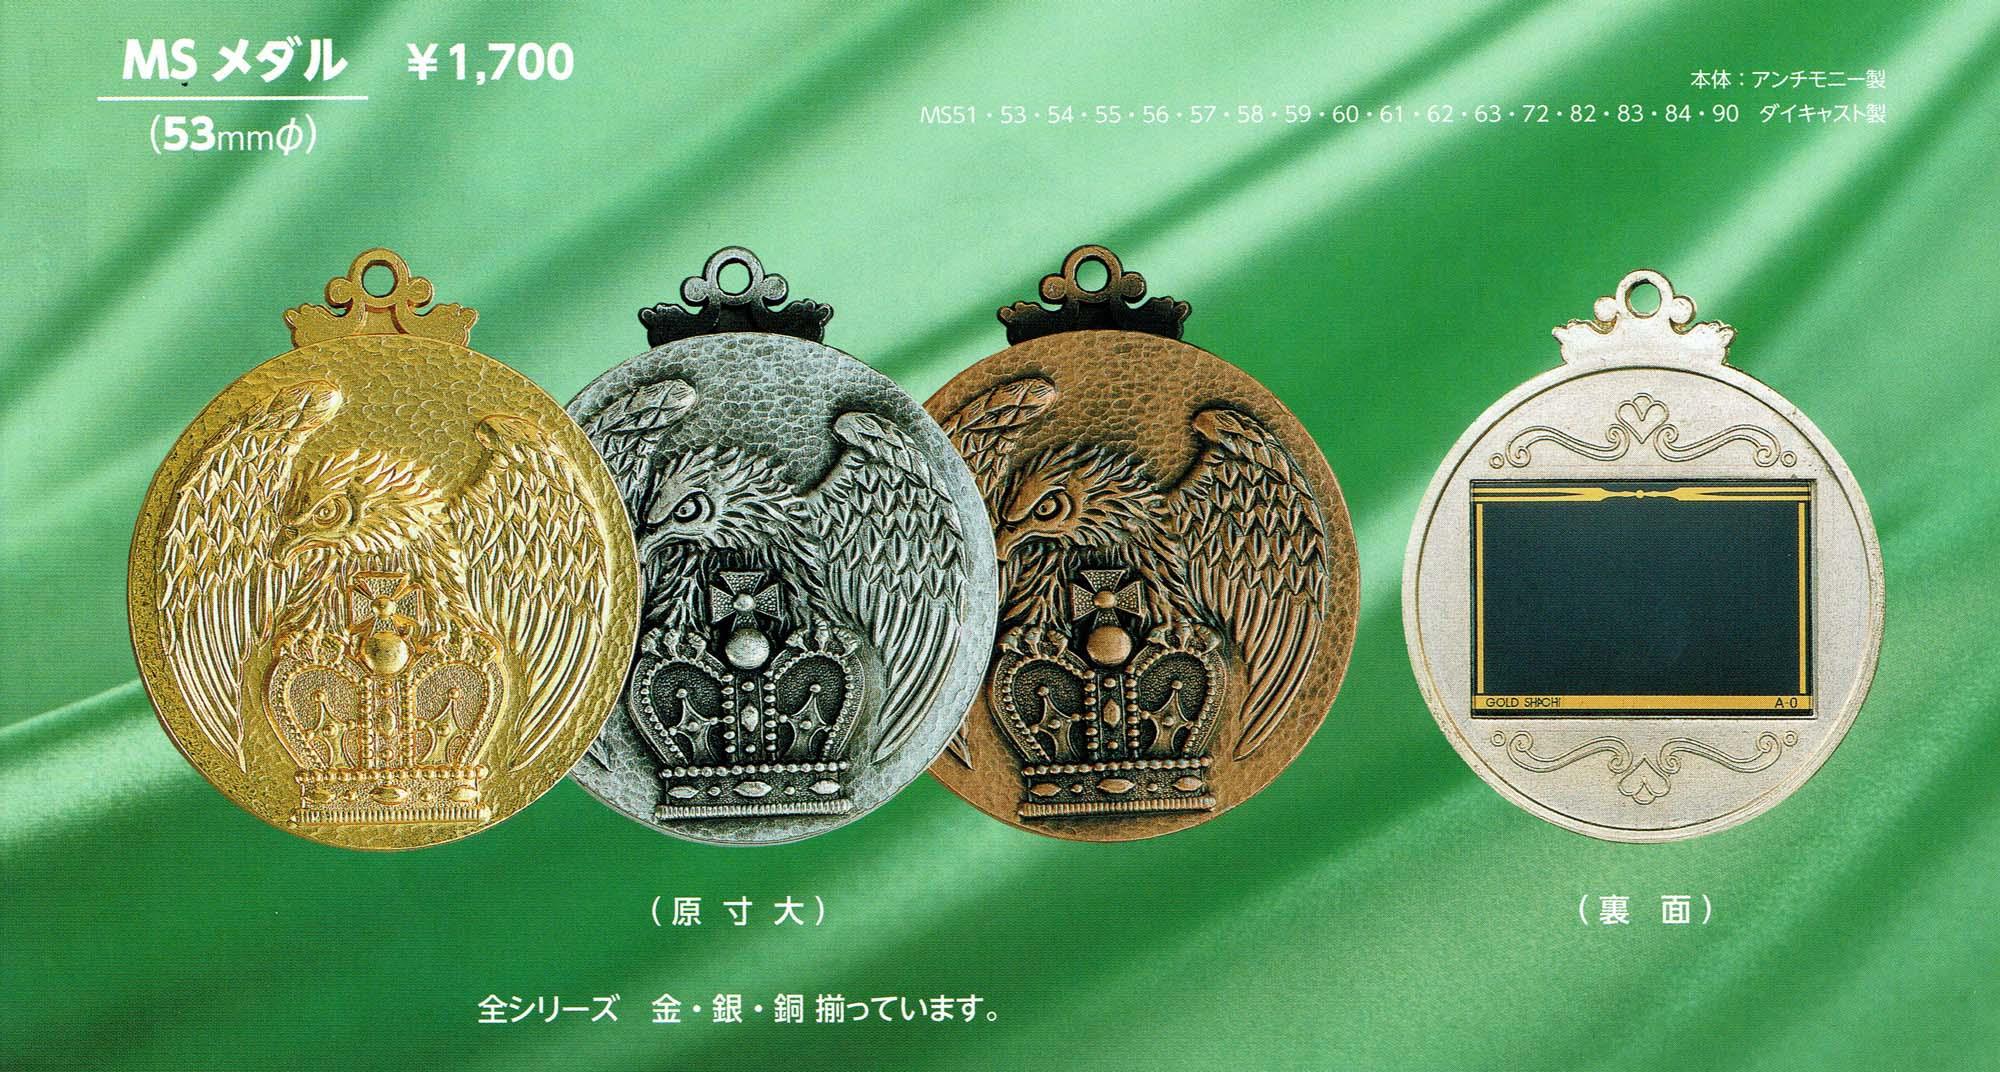 MSメダル